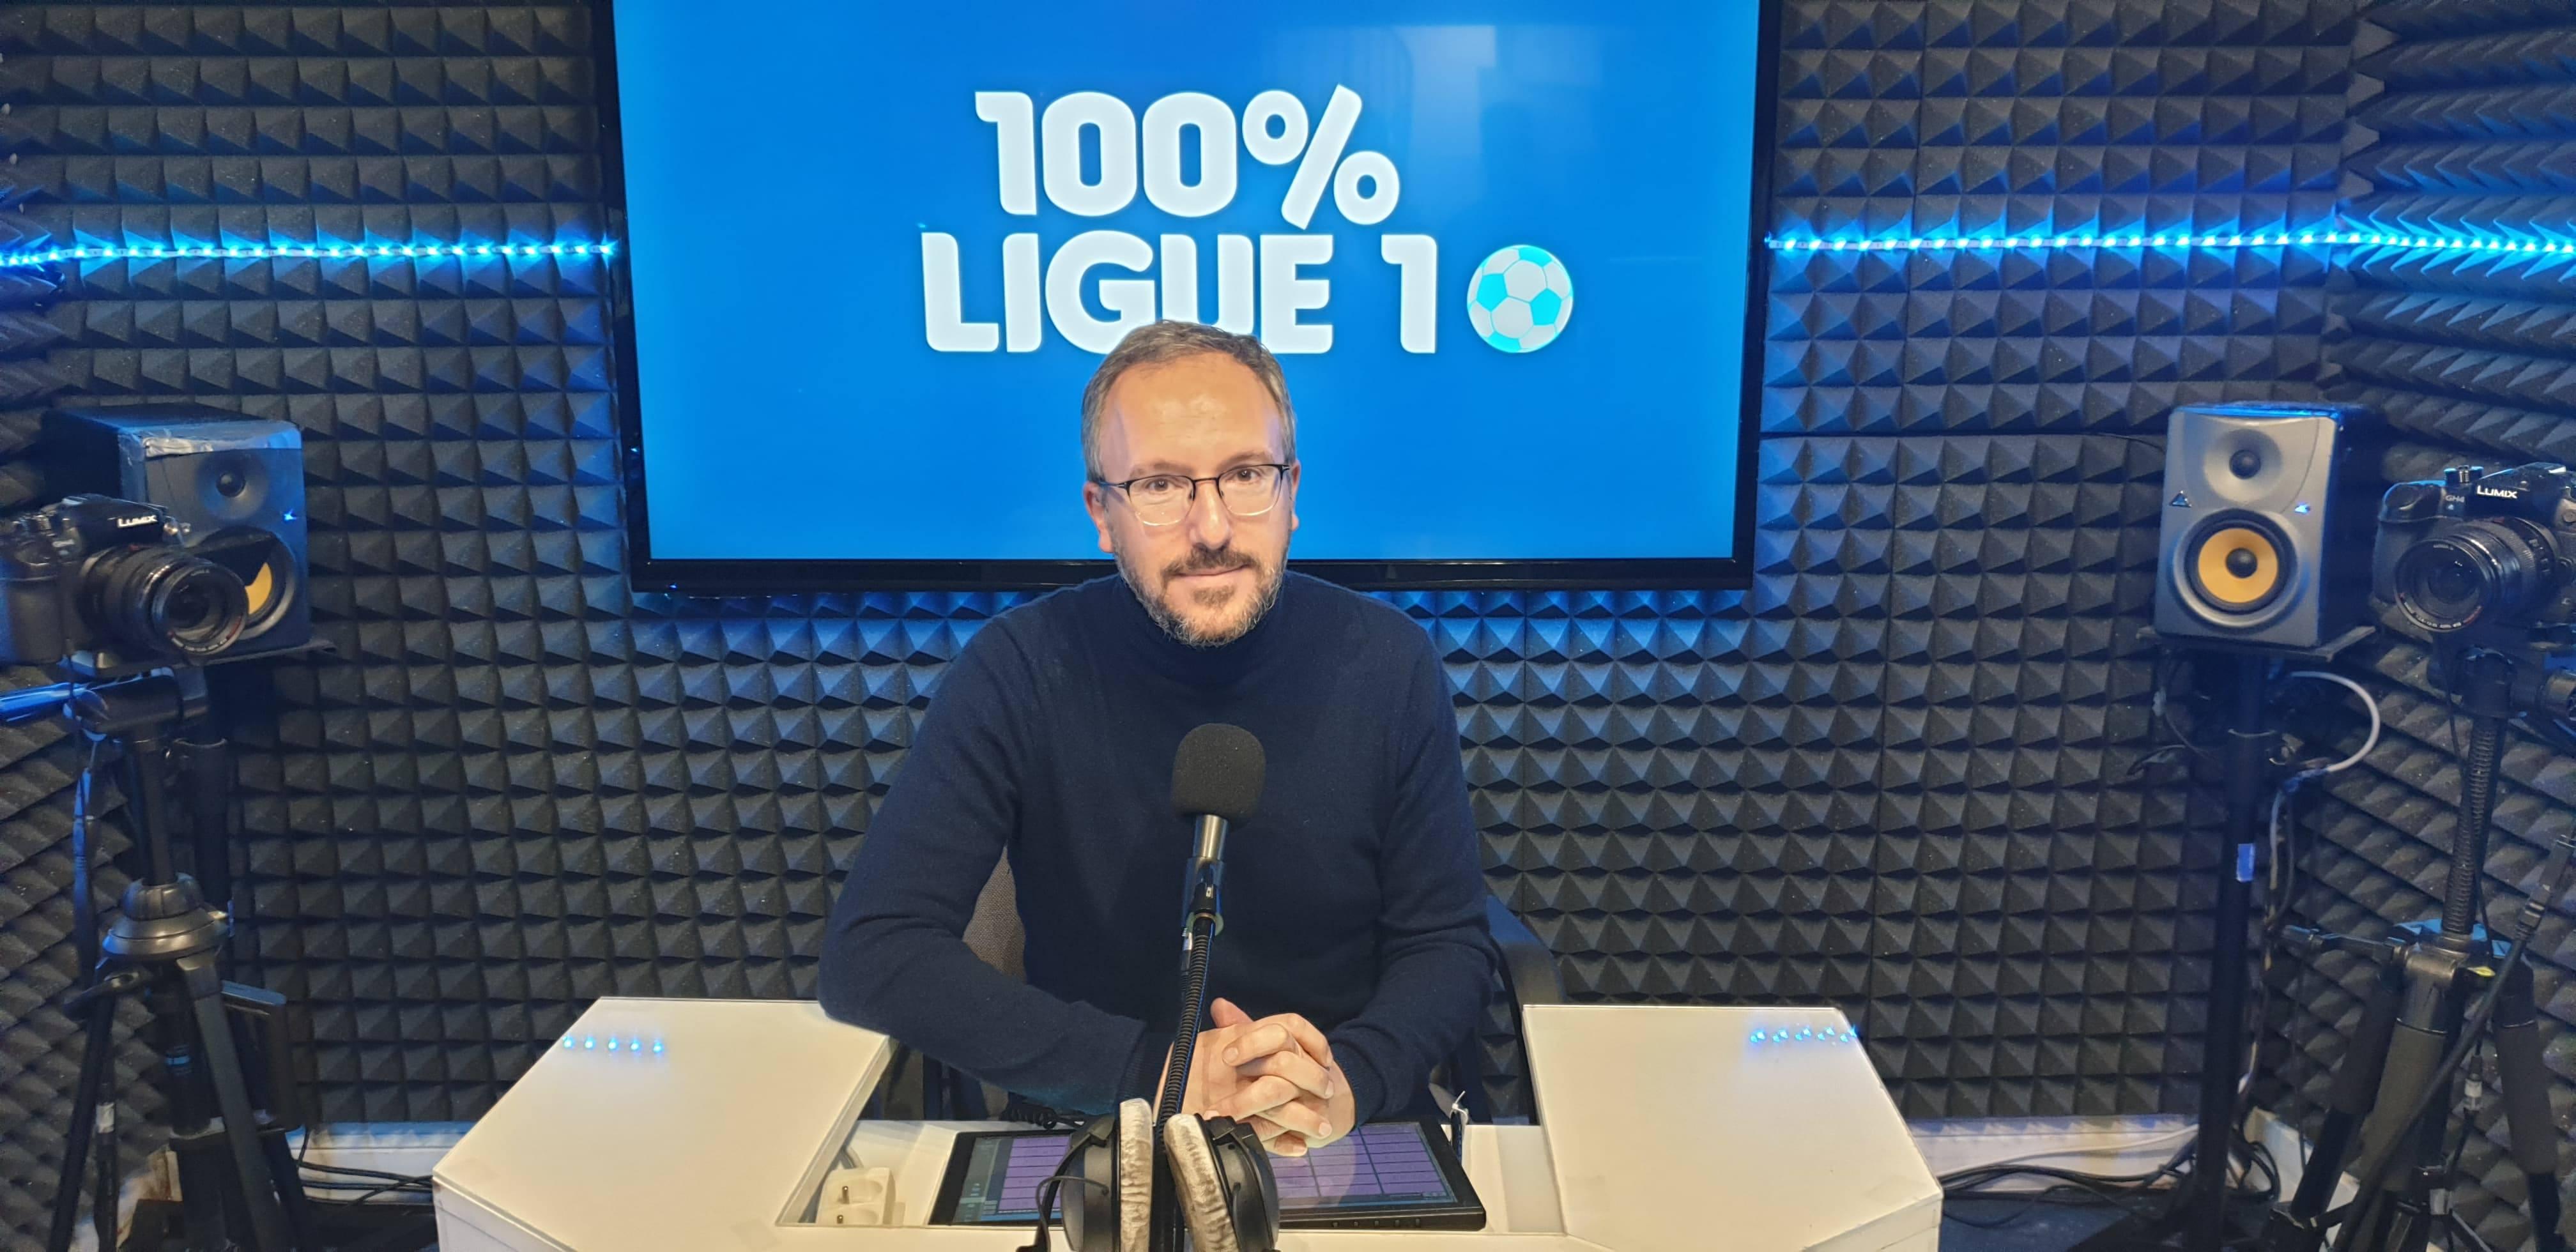 Jeff Pérès était l'invité du 100% Ligue 1 #90